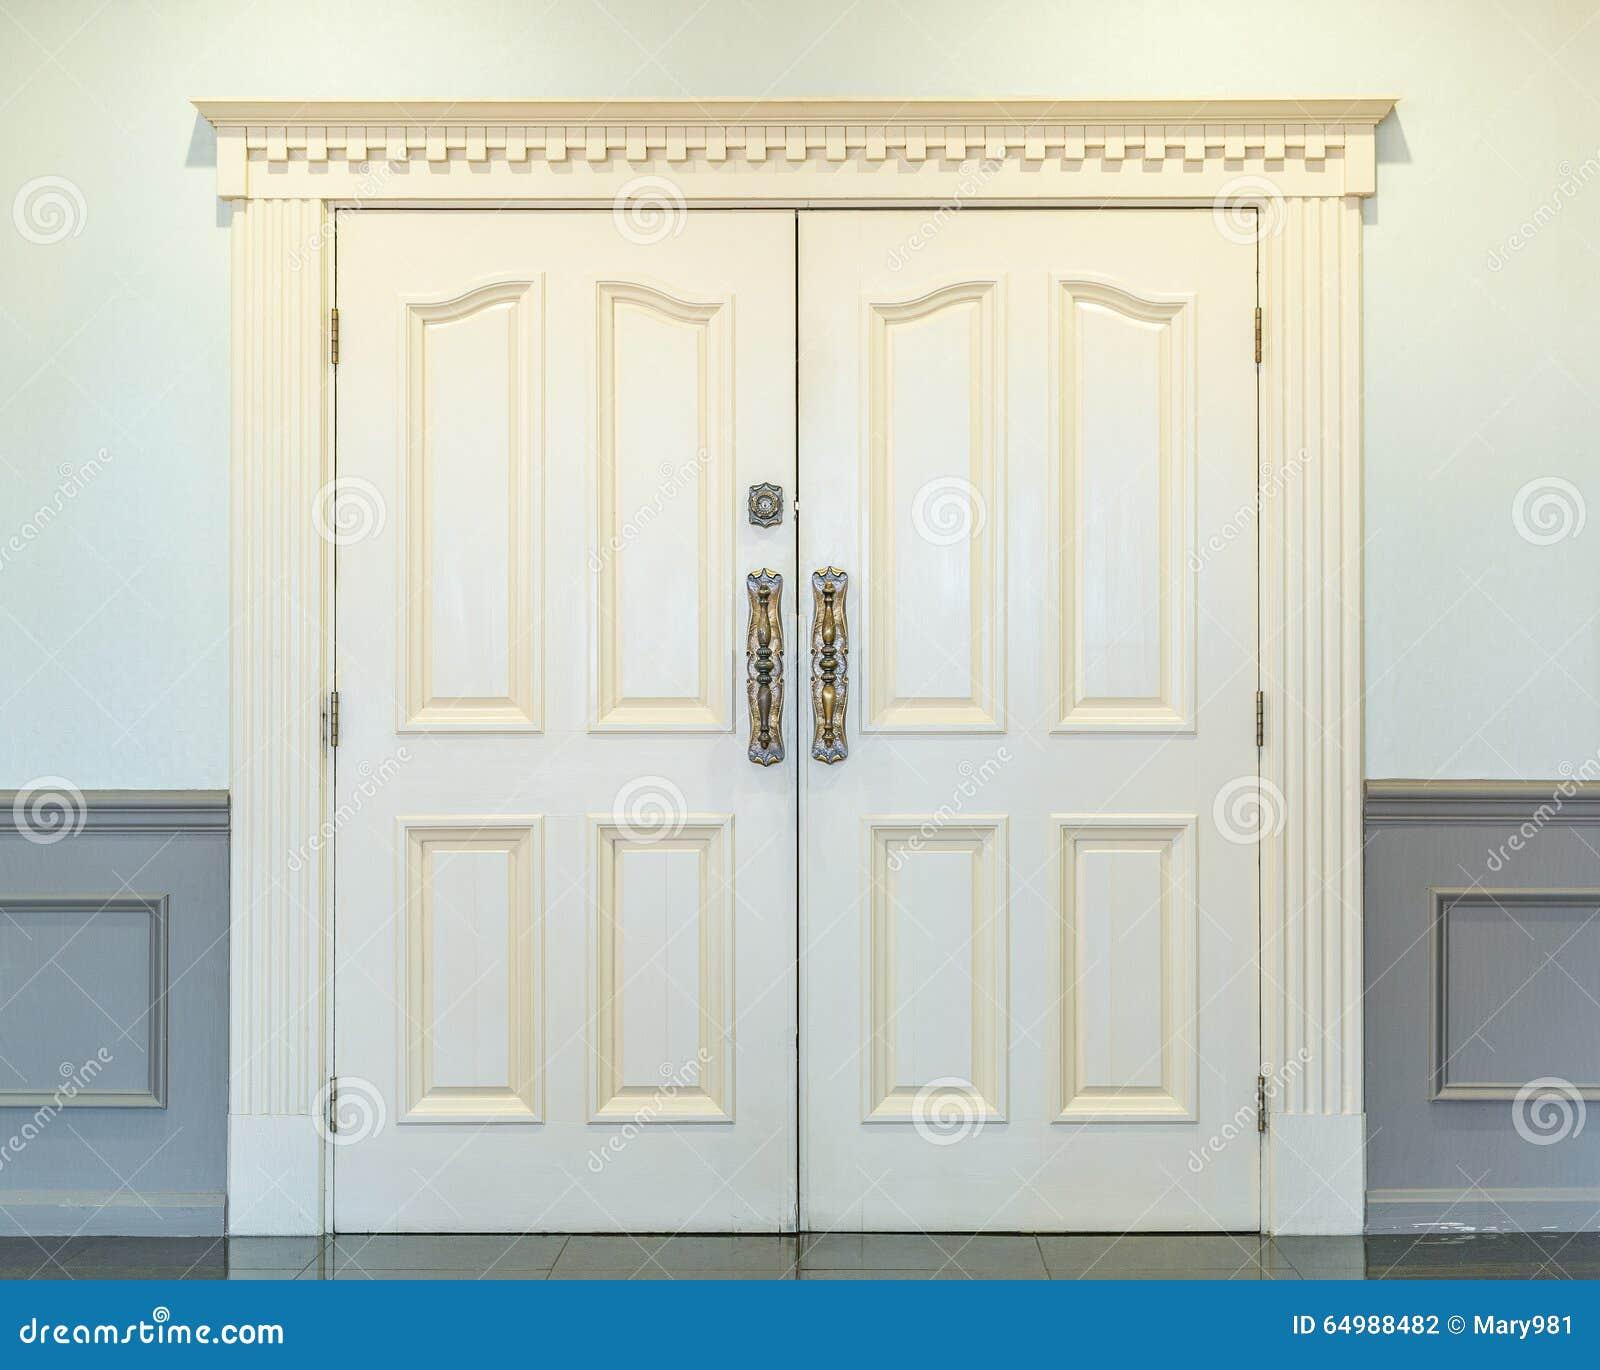 Double Doors Interior